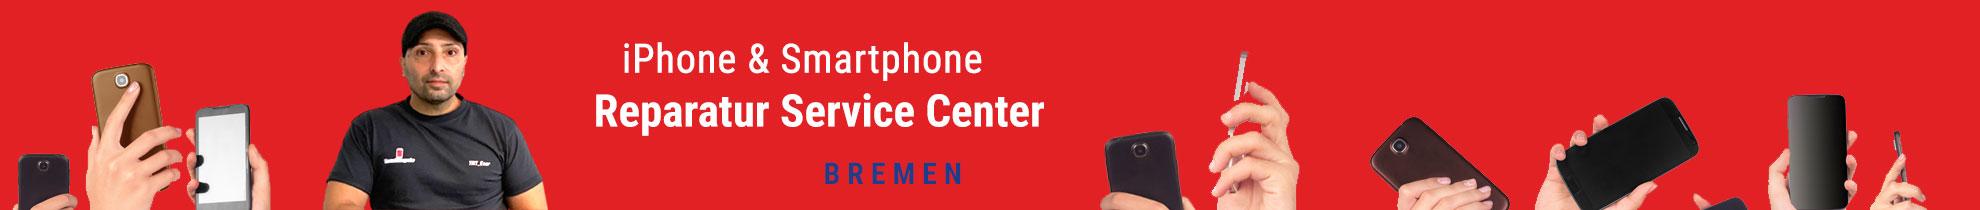 iPhone & Smartphone Reparatur Service Center Bremen